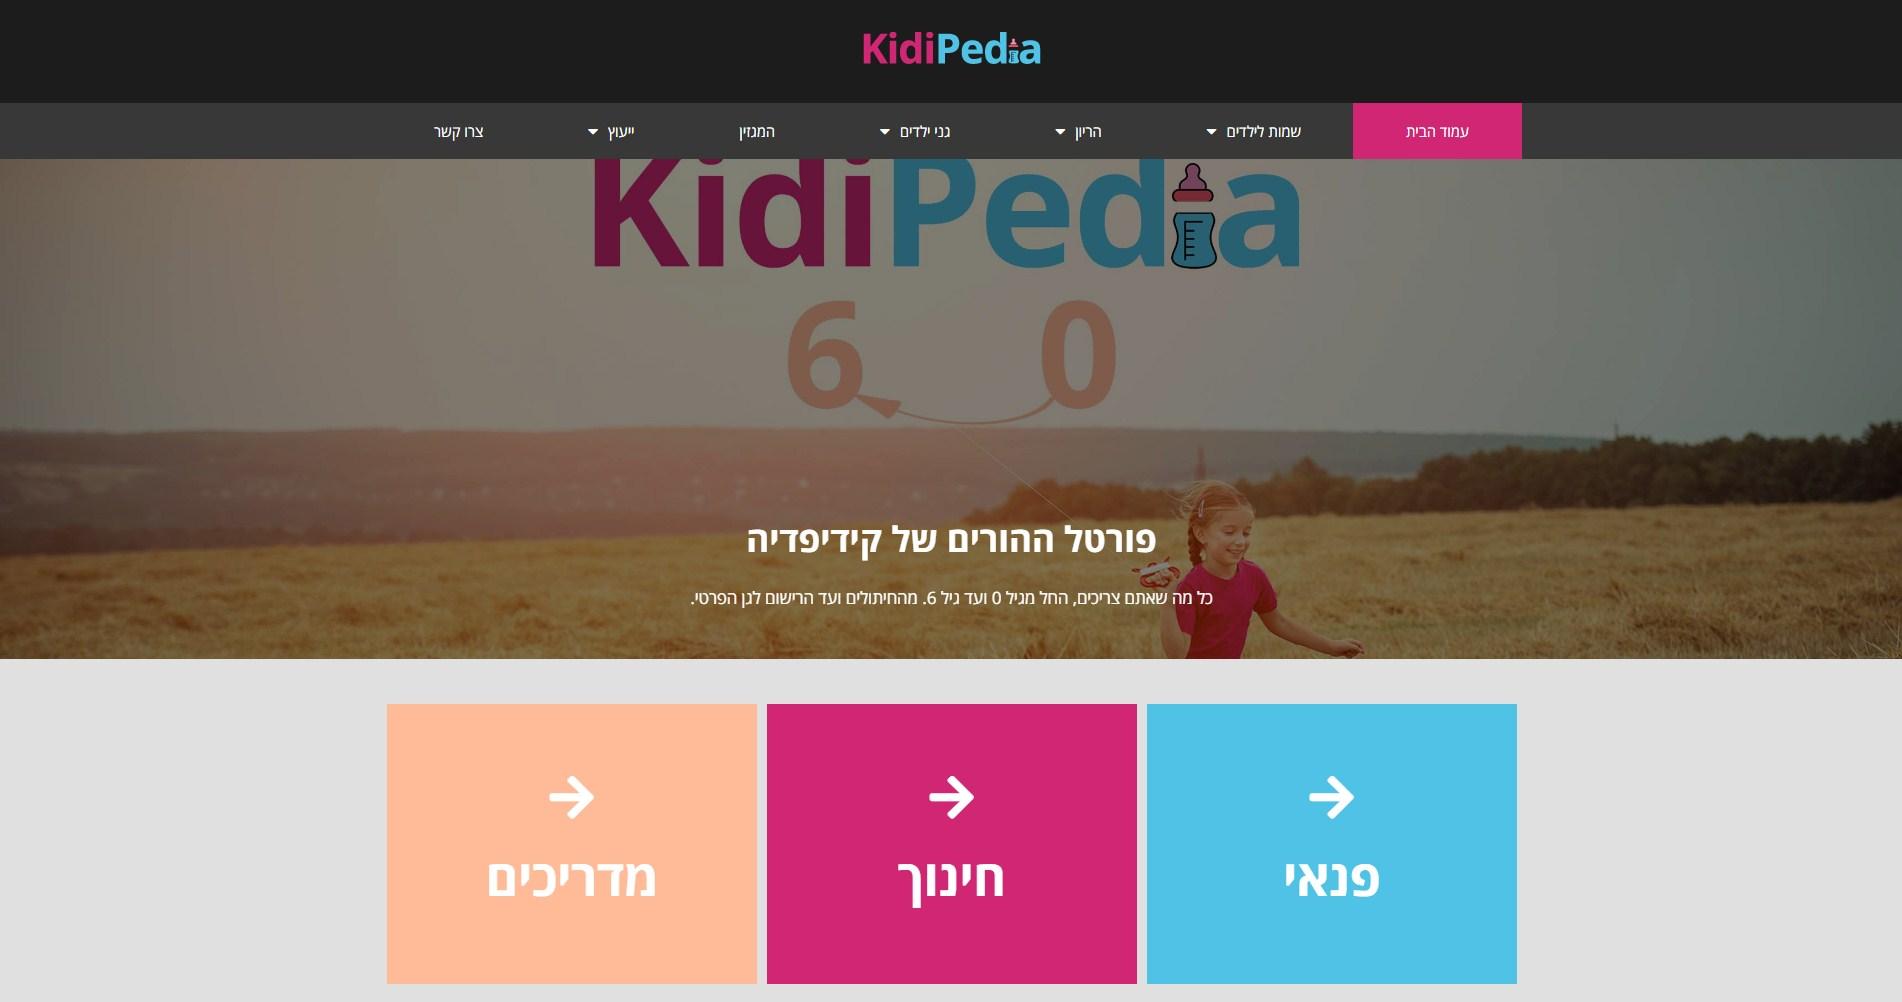 אתר בתחום ההורות והילדים למכירה - 10,000 גולשים בחודש!